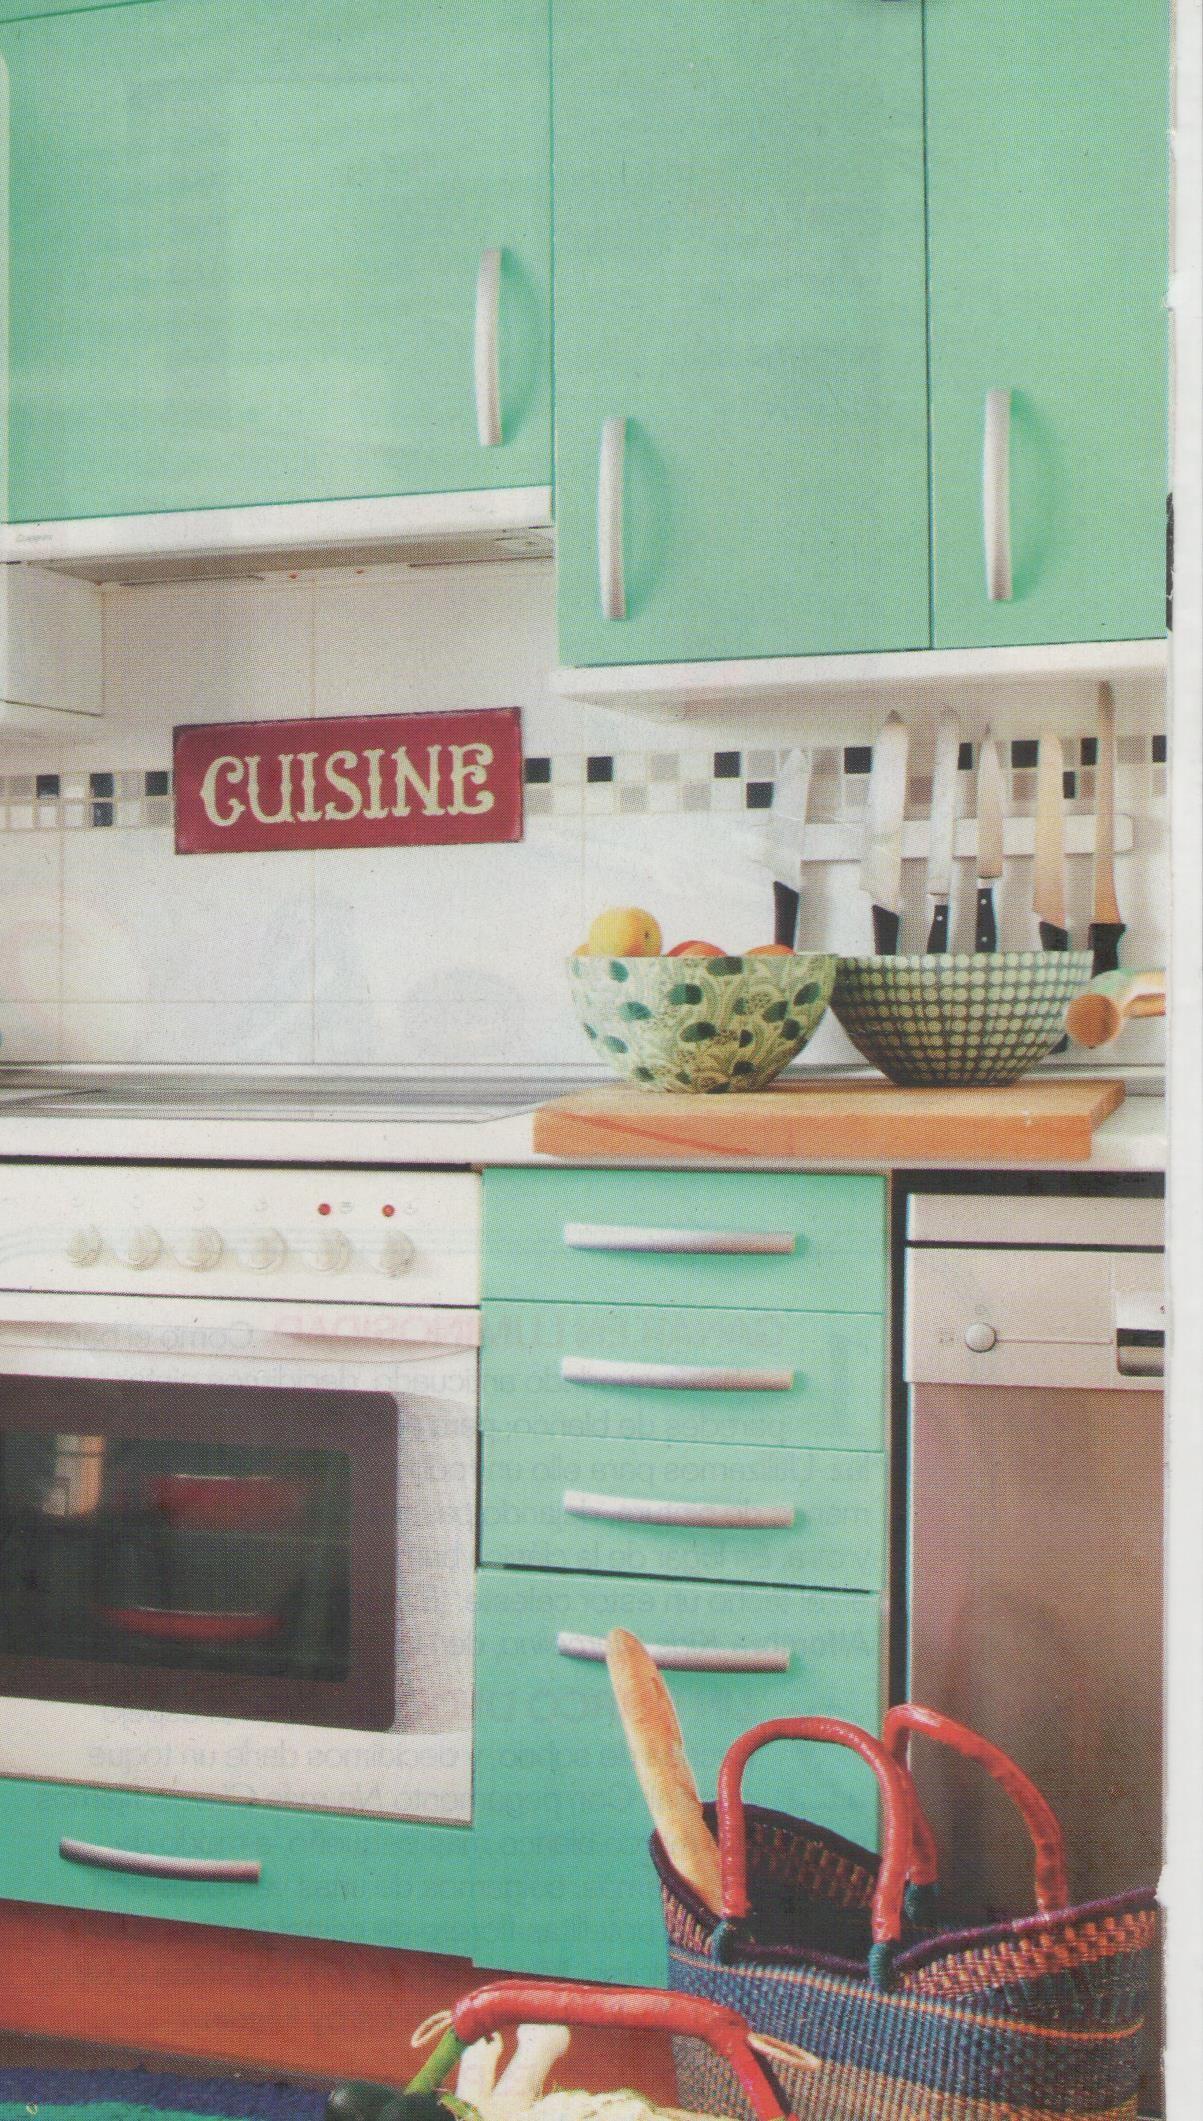 Muebles de cocina forrados con vinilo vinilos - Cocinas con vinilo ...